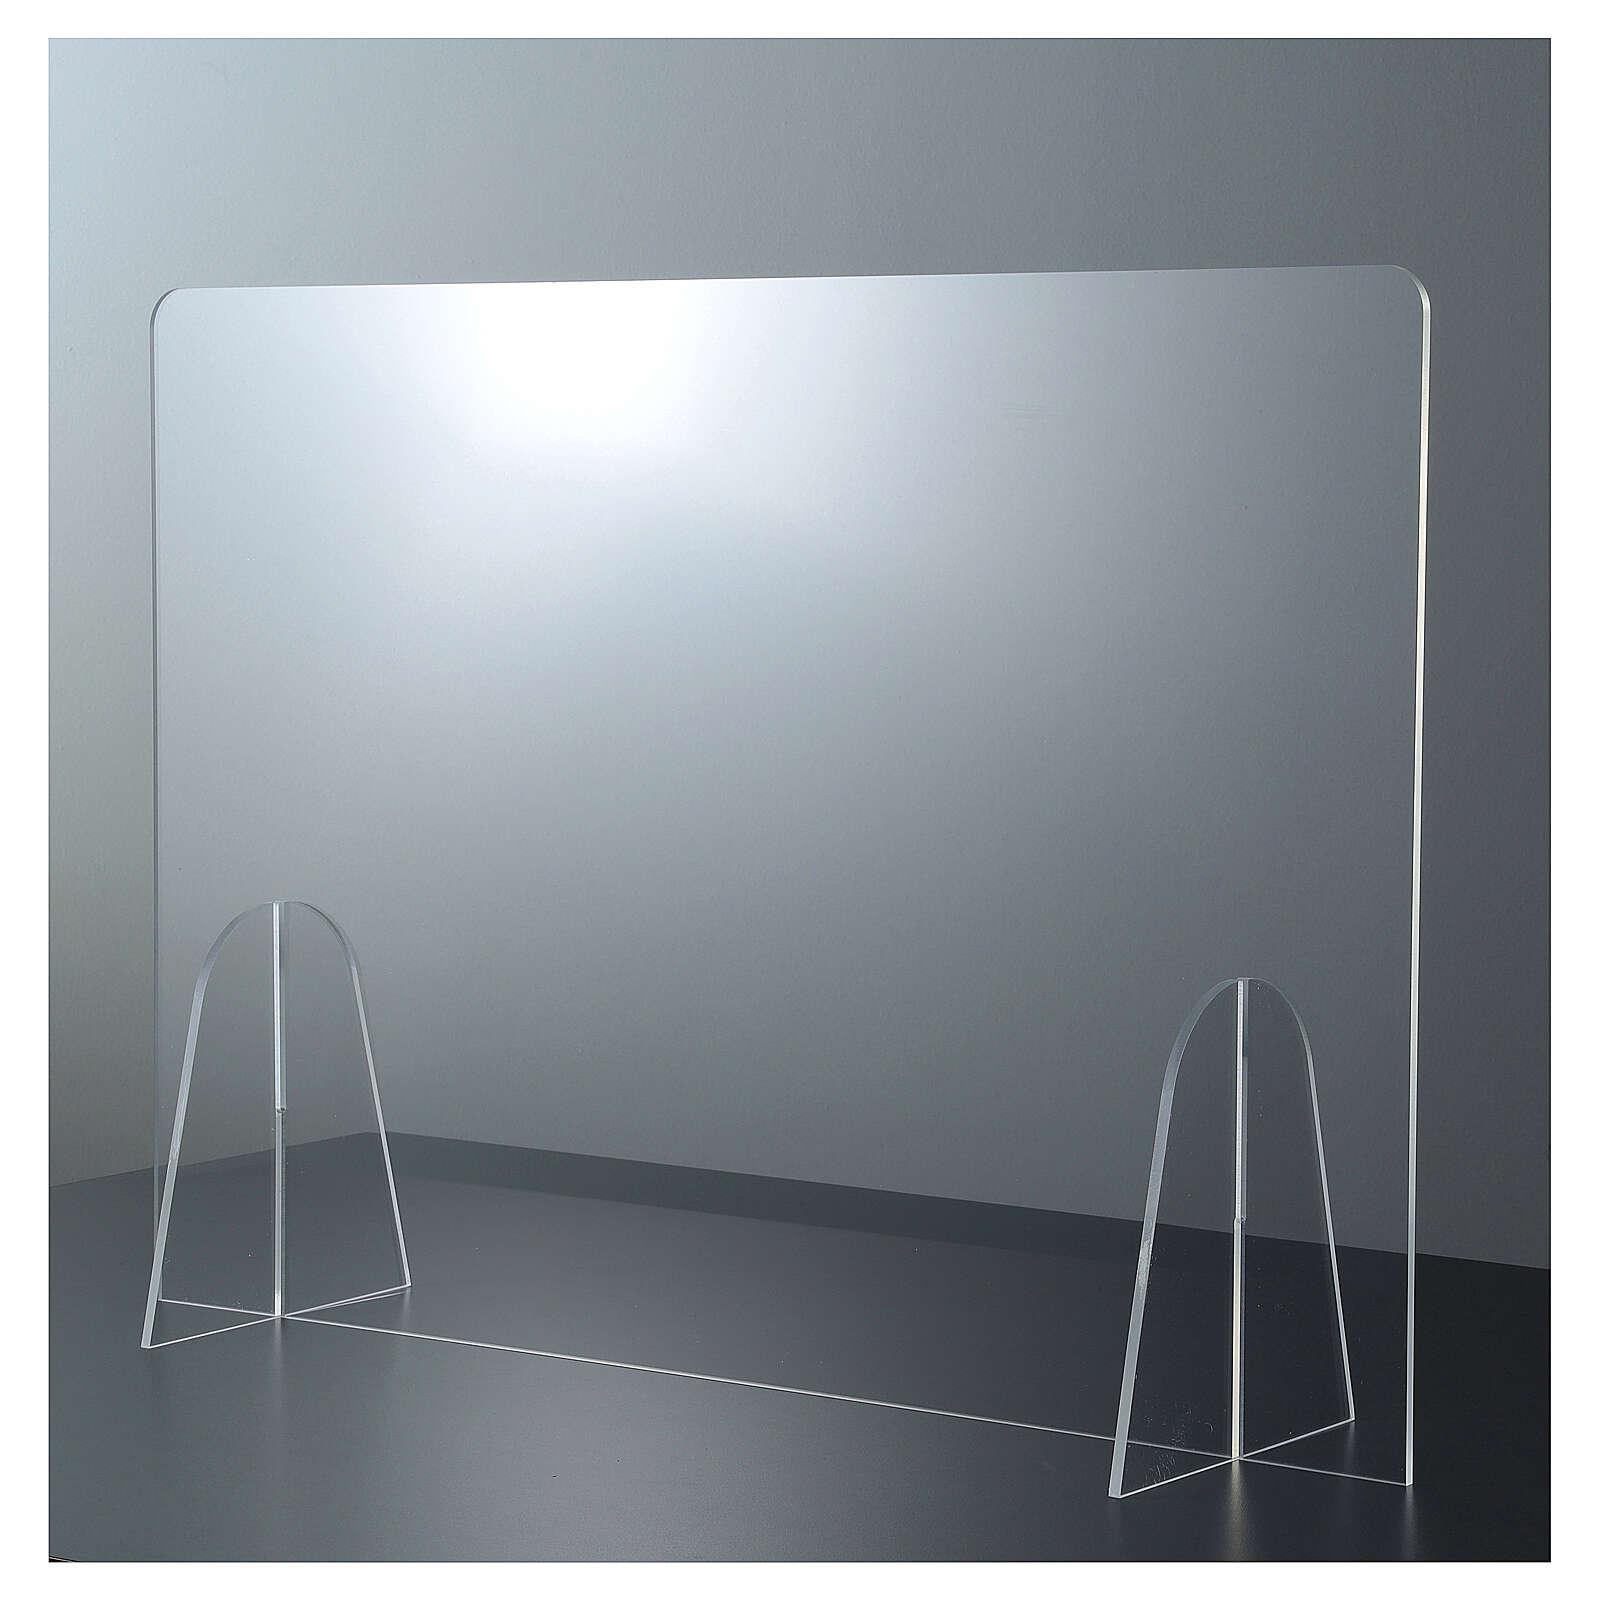 Pannello parafiato Tavolo plexiglass - Goccia h 50x90 3